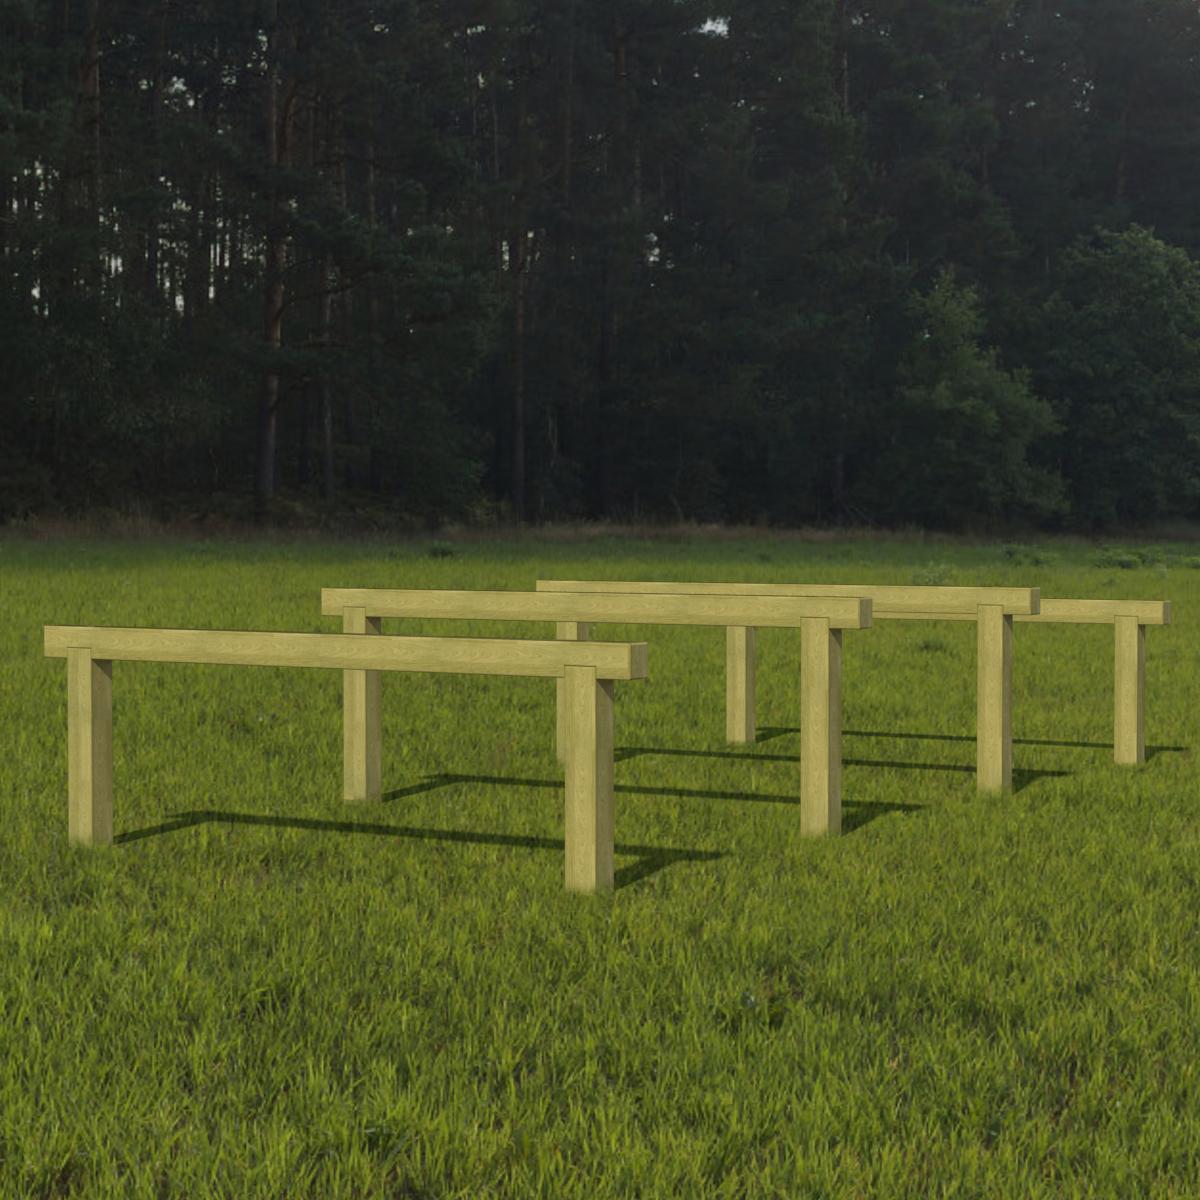 Hurdles - Set of 4